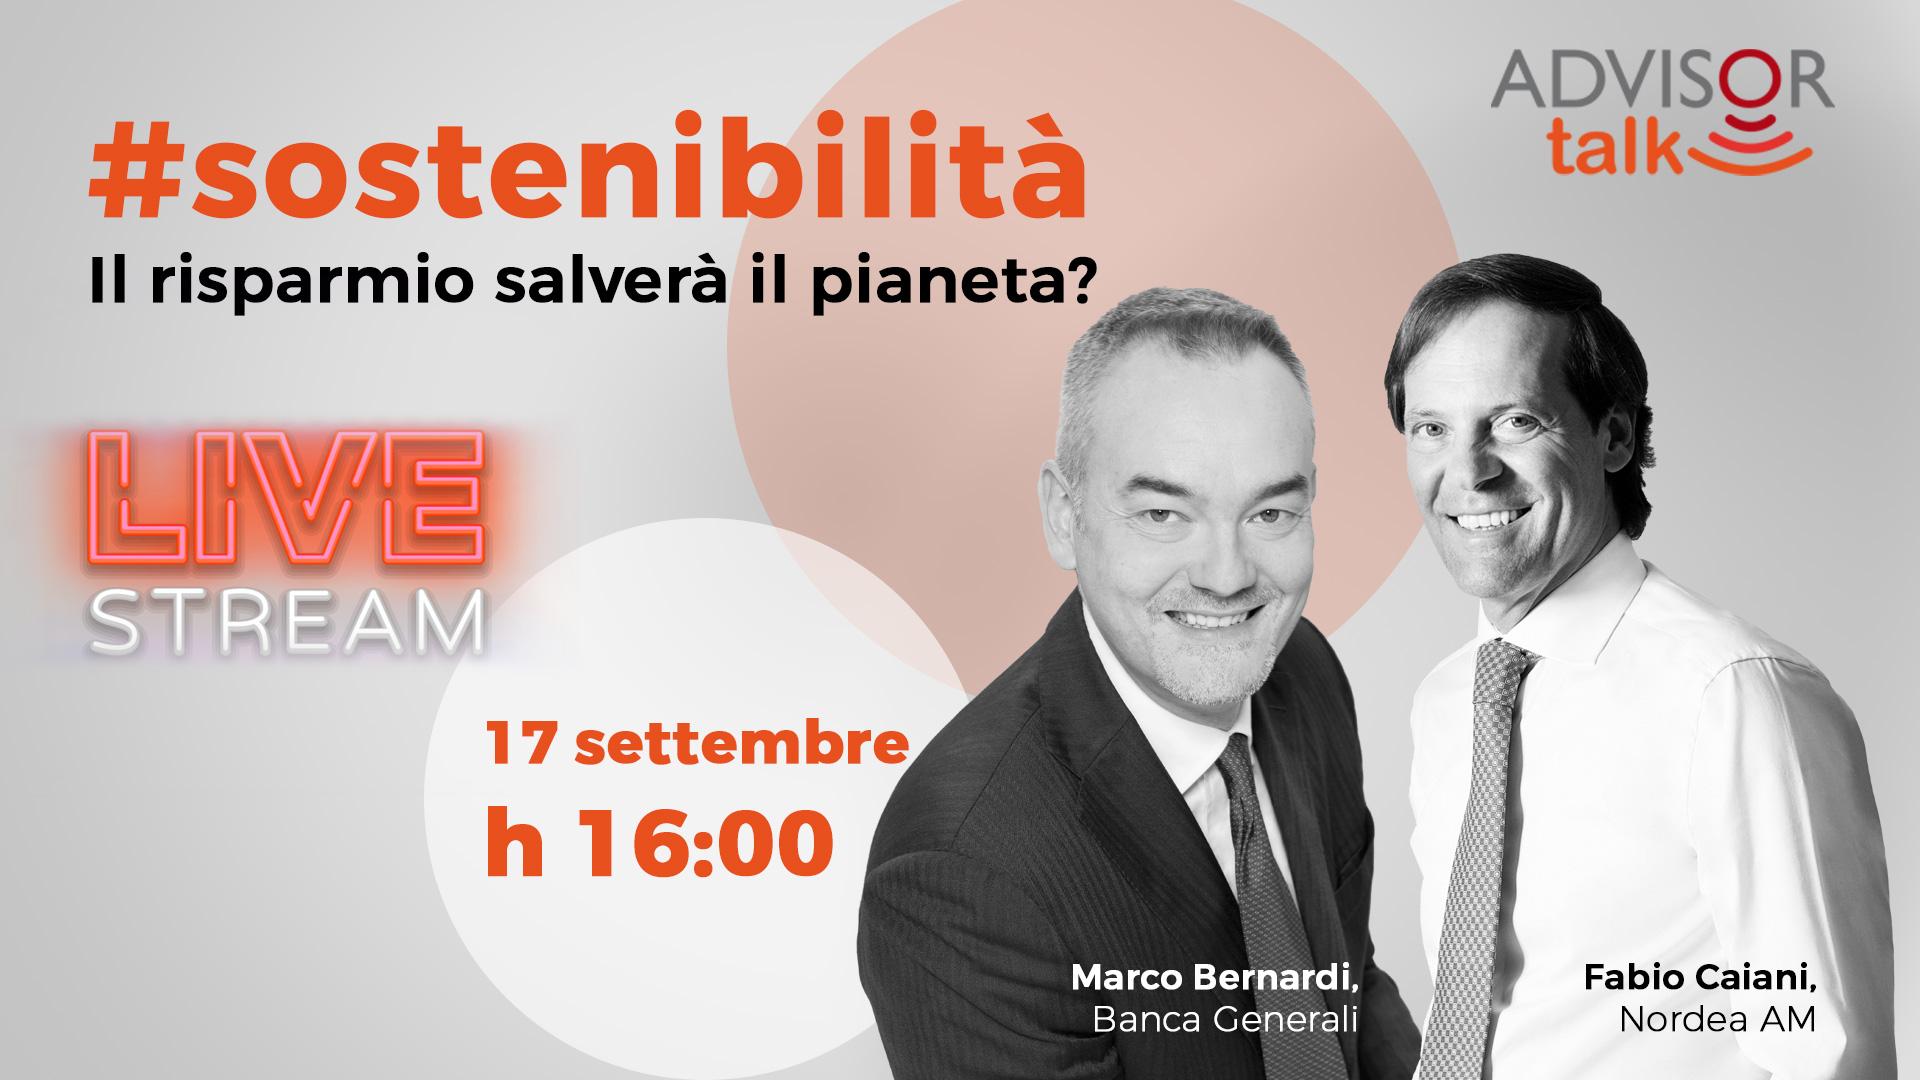 #sostenibilità - Il risparmio salverà il pianeta?